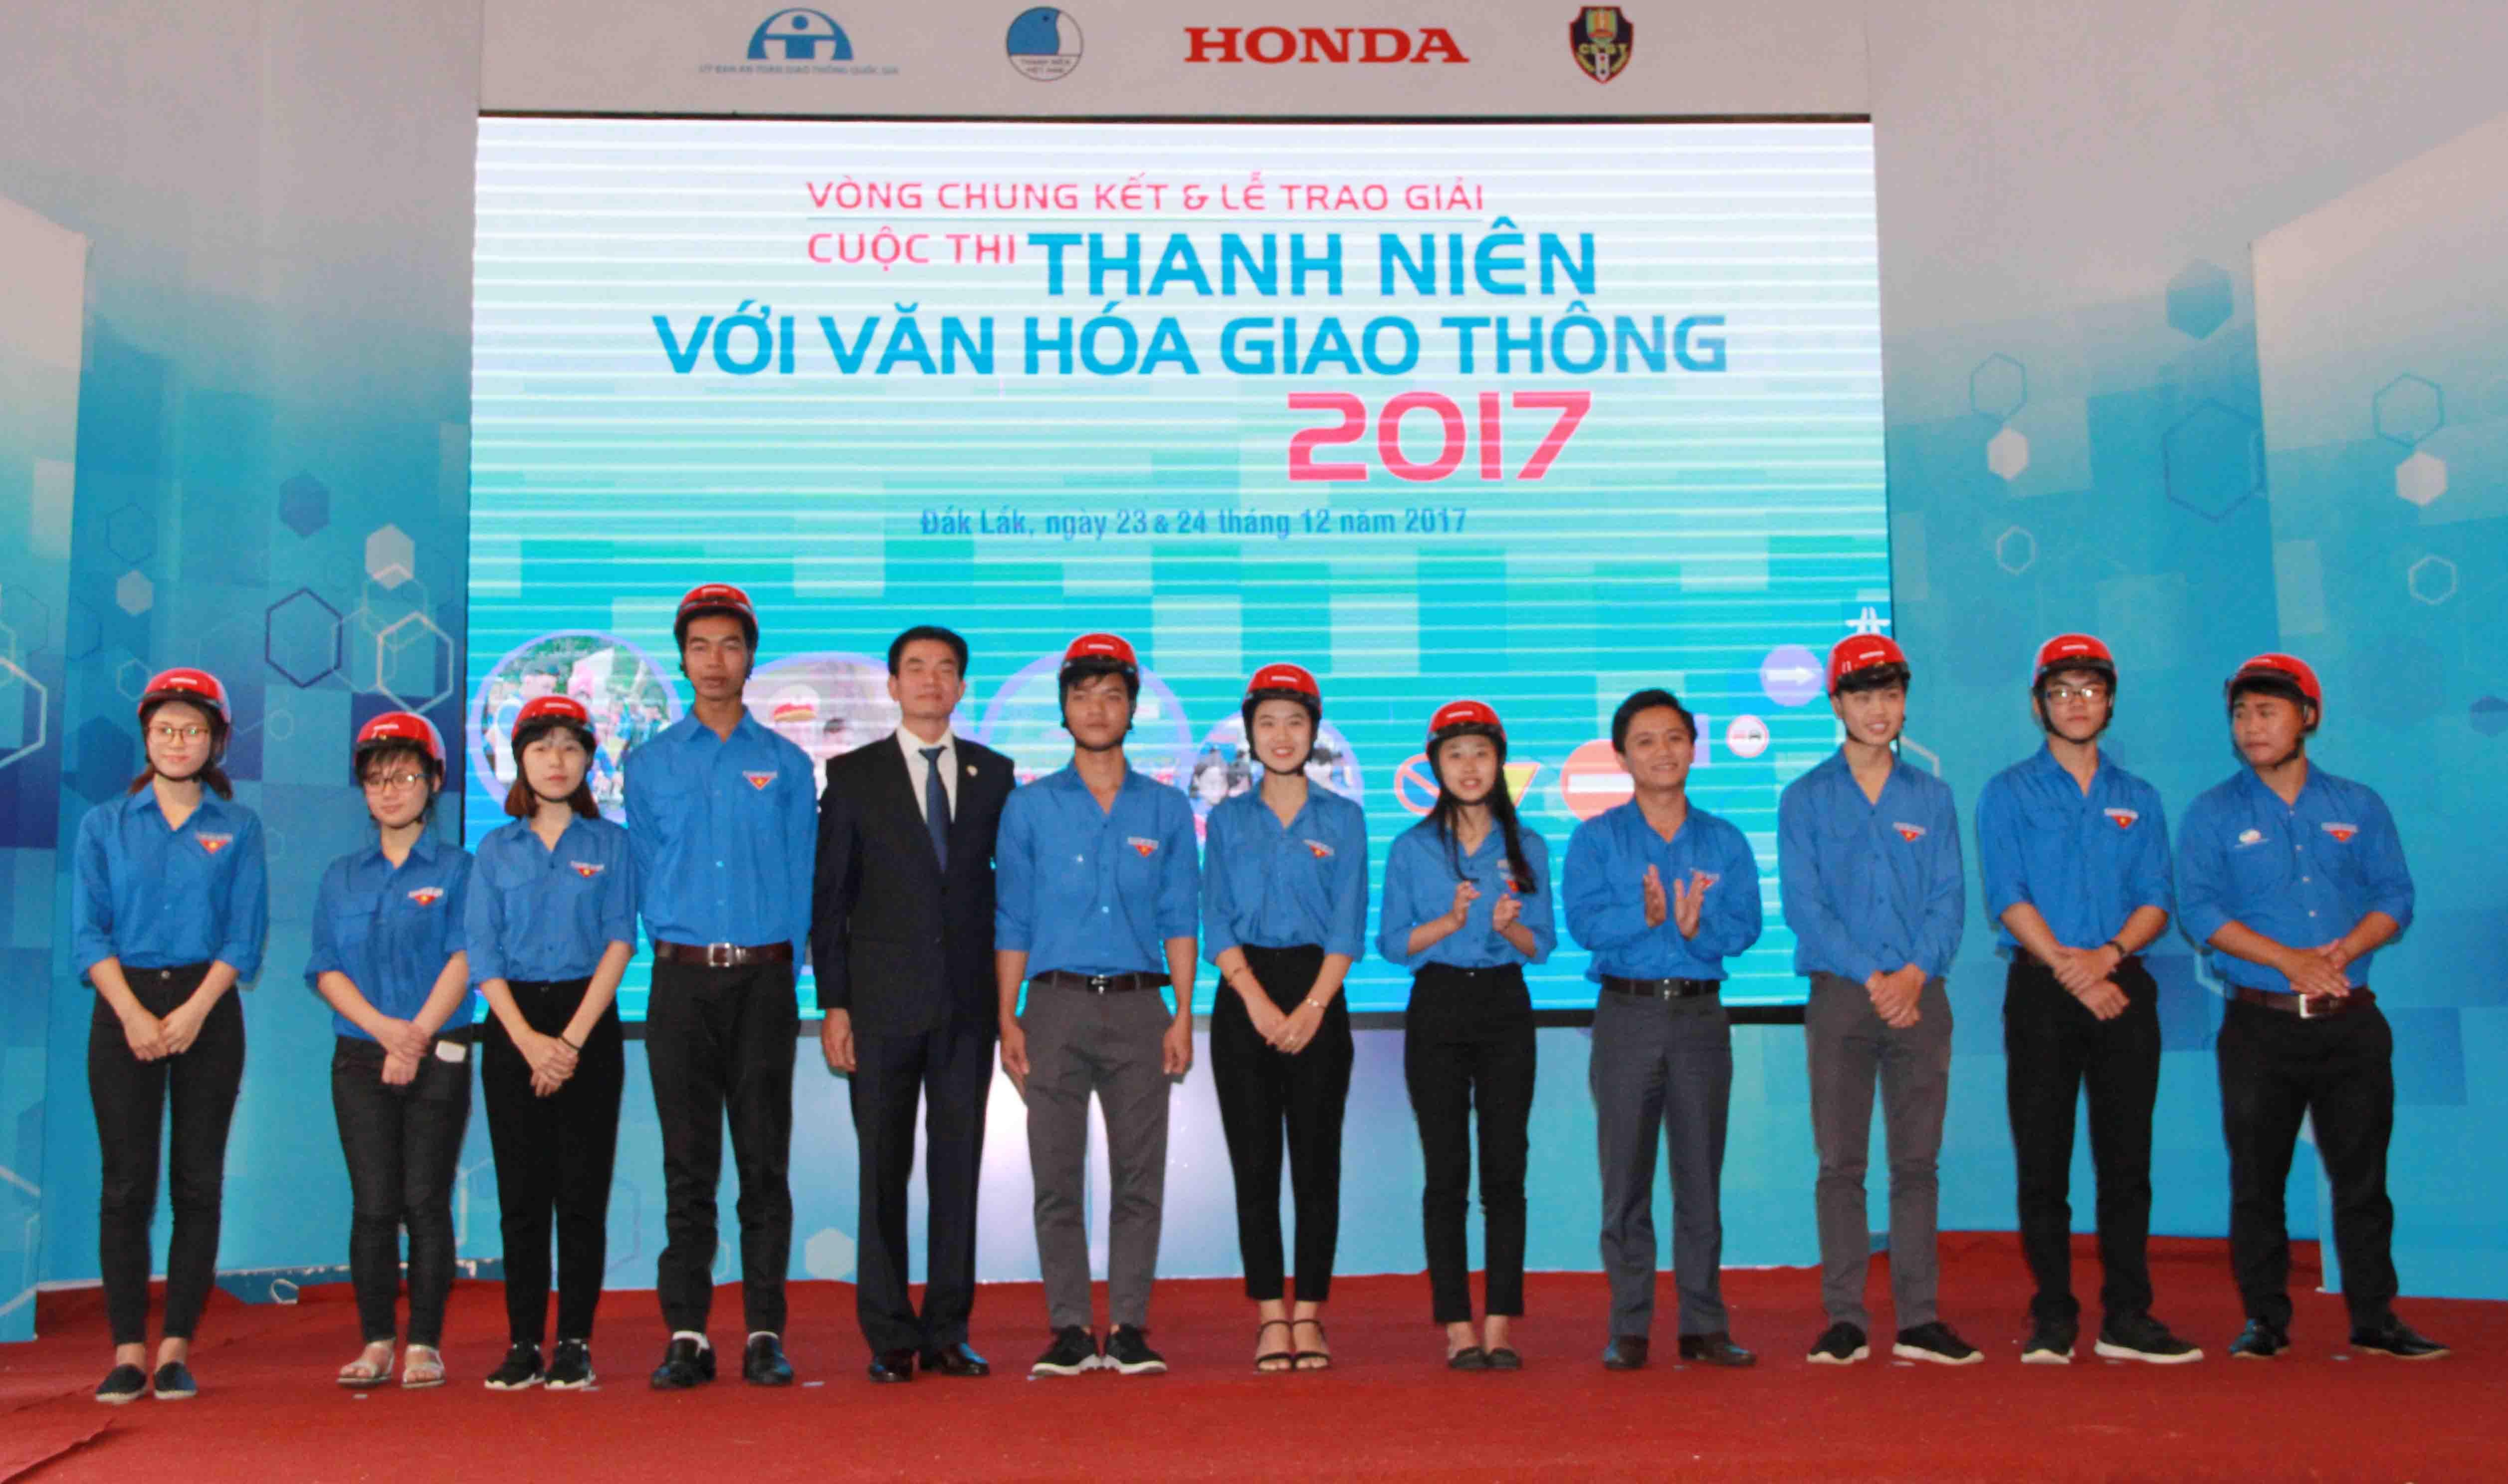 """Trao giải Cuộc thi """"Thanh niên với Văn hóa giao thông"""" năm 2017"""